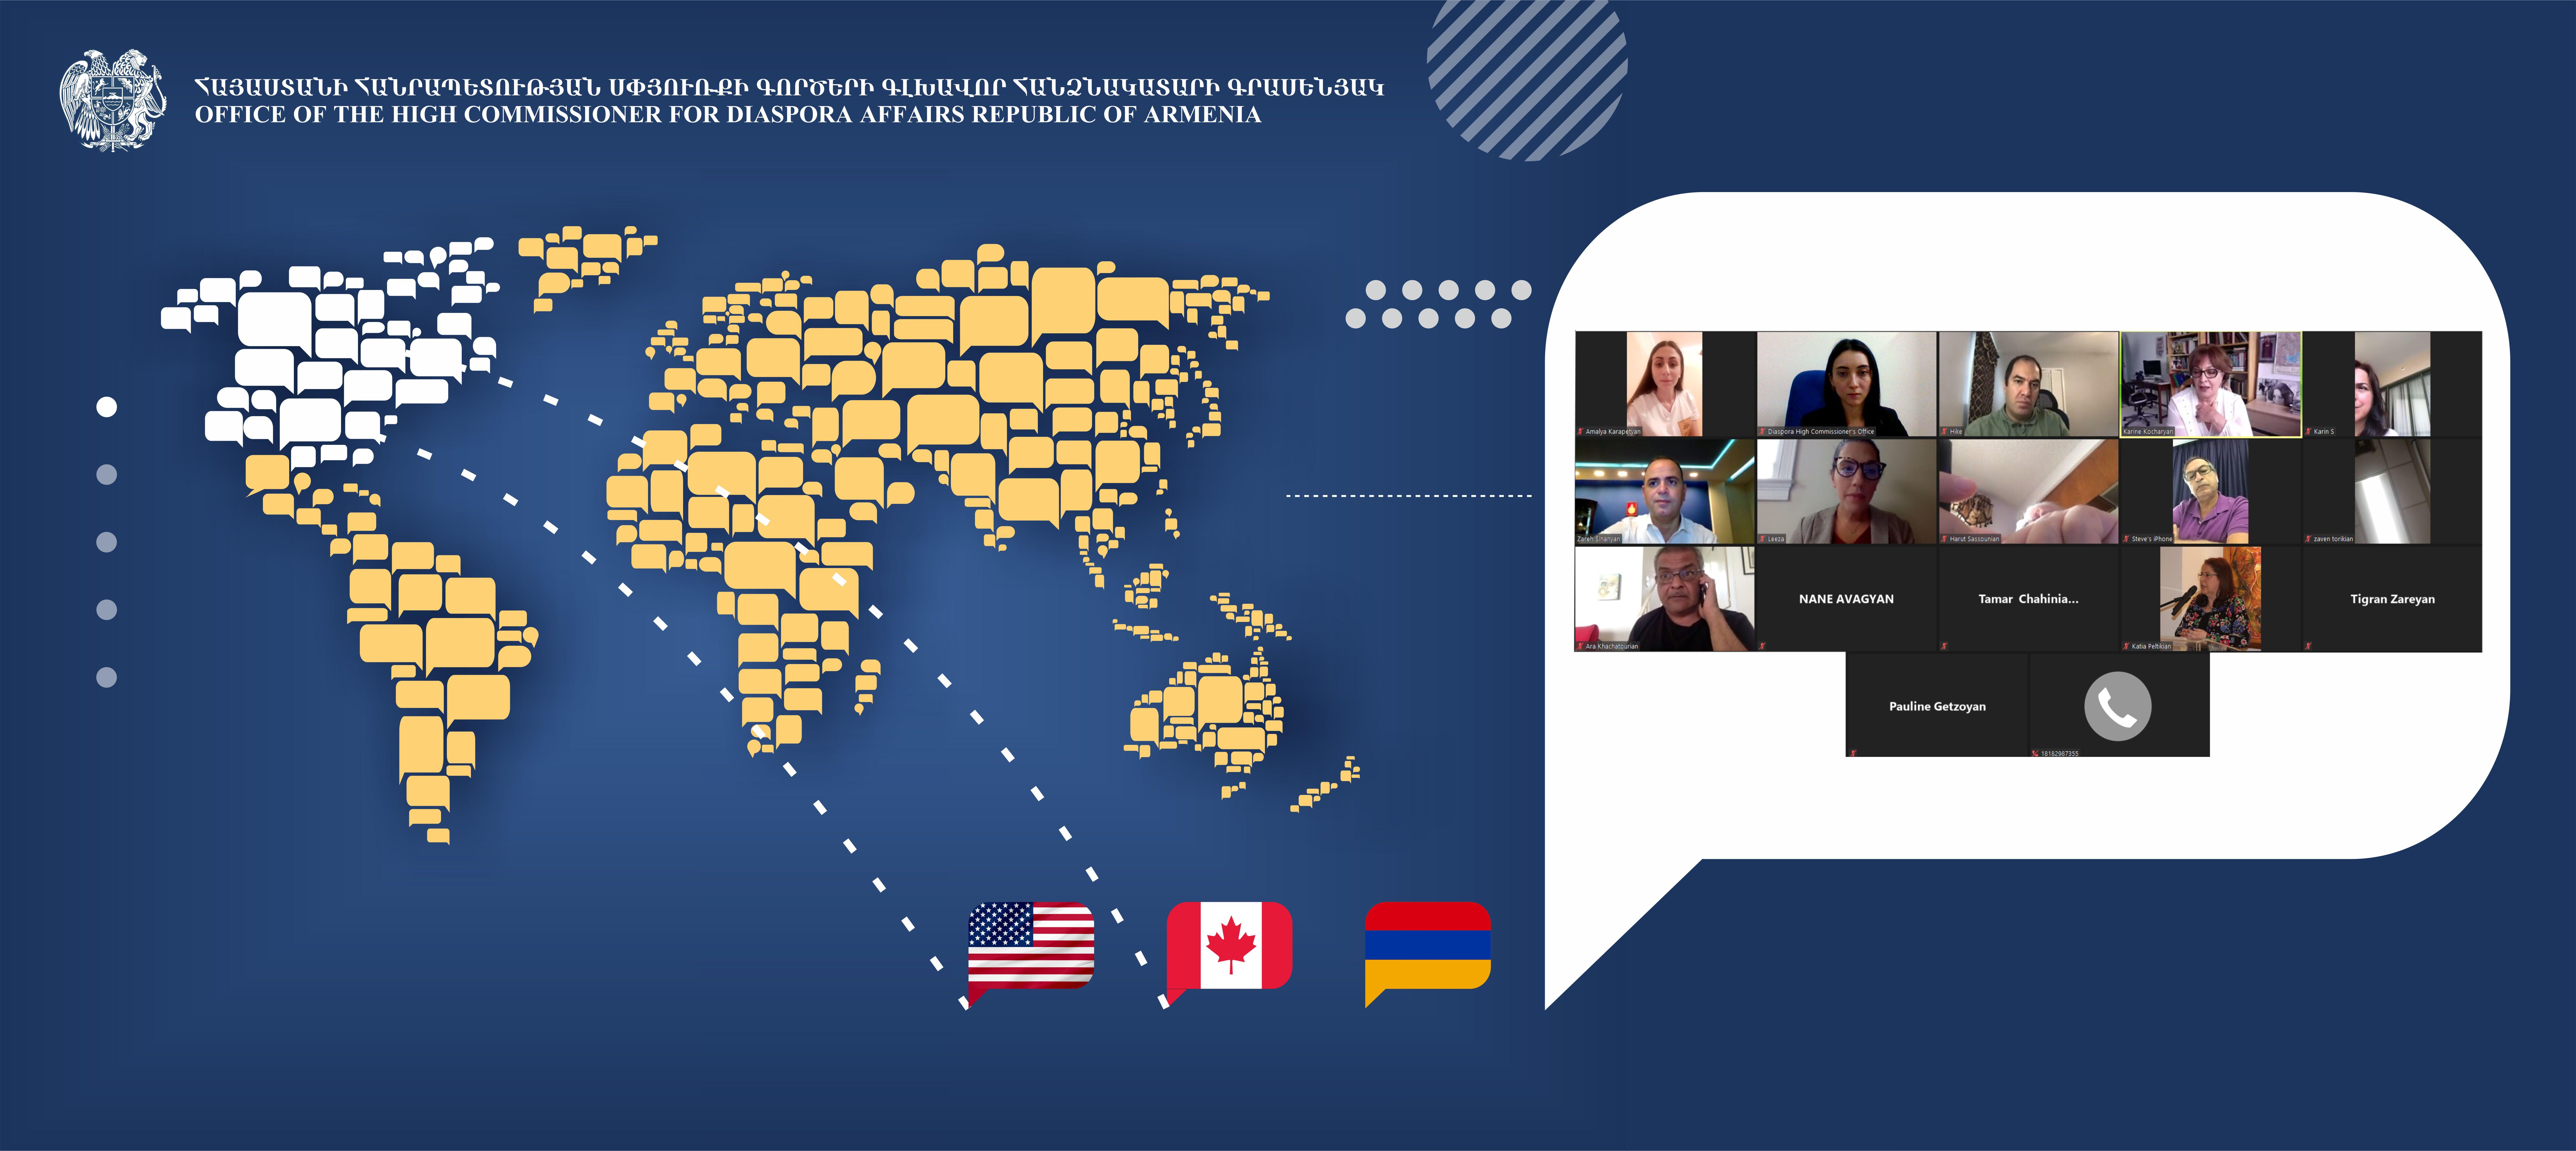 Զարեհ Սինանյանը հանդիպել է ԱՄՆ-ի և Կանադայի հայ լրագրողների հետ